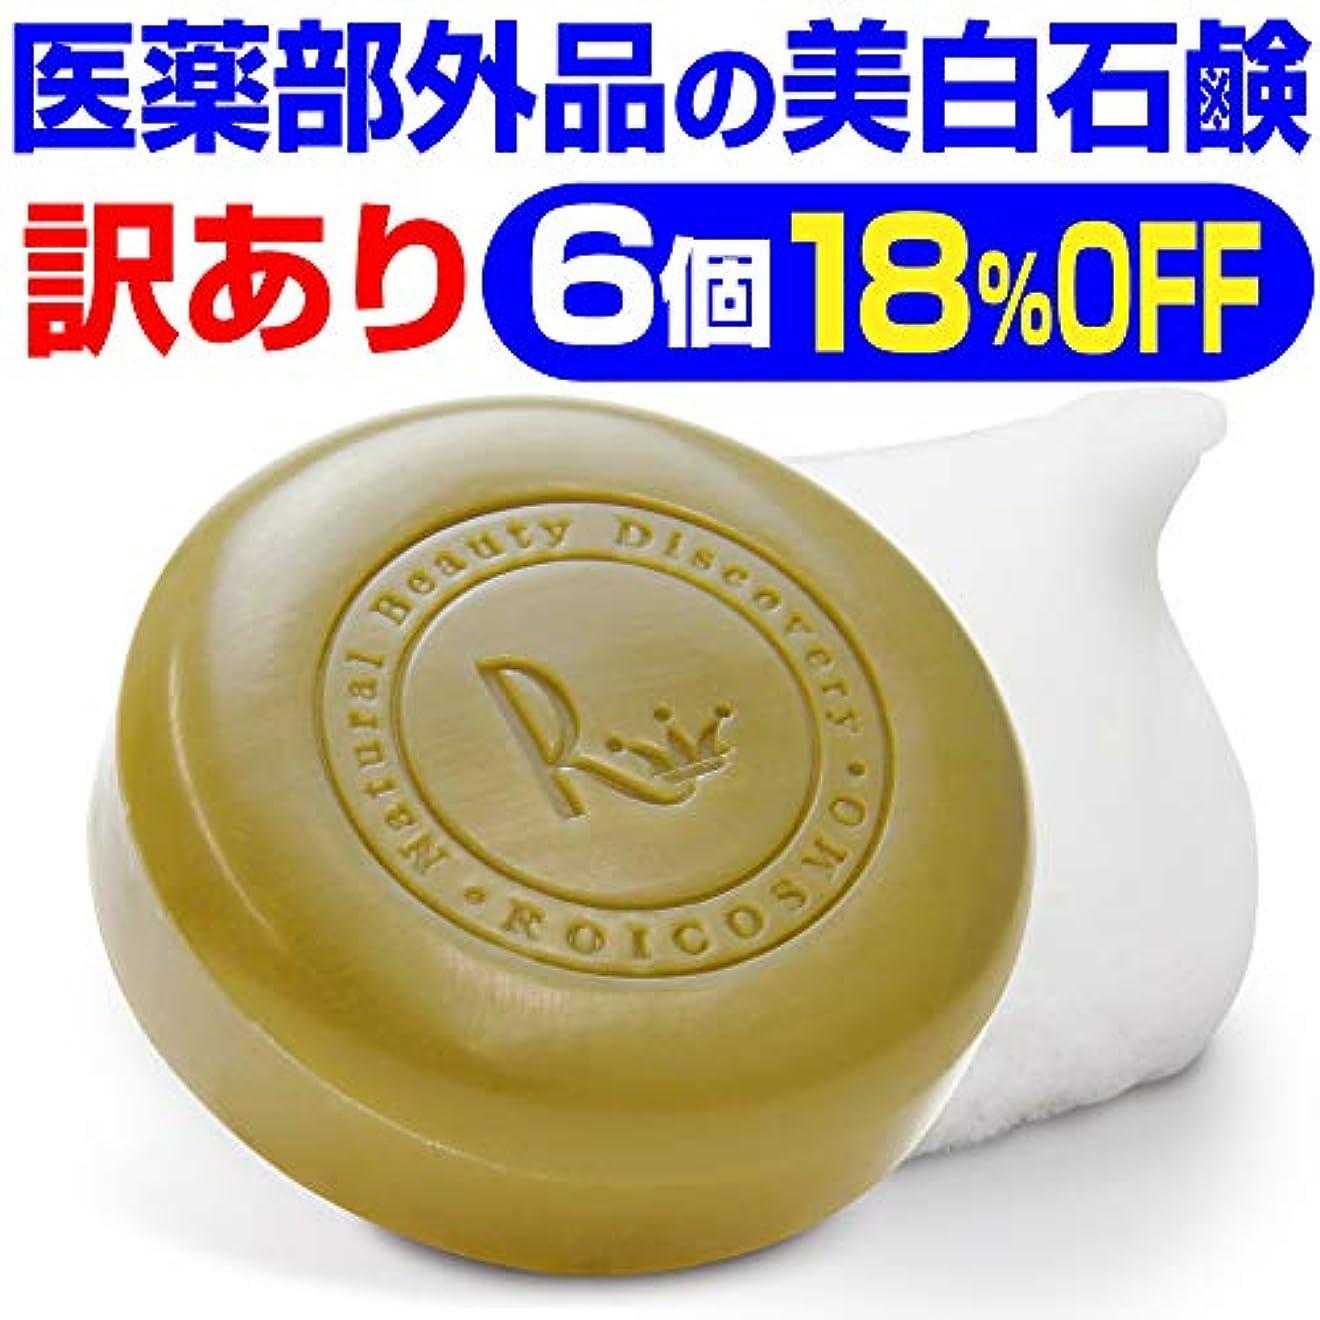 吸収剤テザー発見する訳あり18%OFF(1個2,197円)売切れ御免 ビタミンC270倍の美白成分の 洗顔石鹸『ホワイトソープ100g×6個』